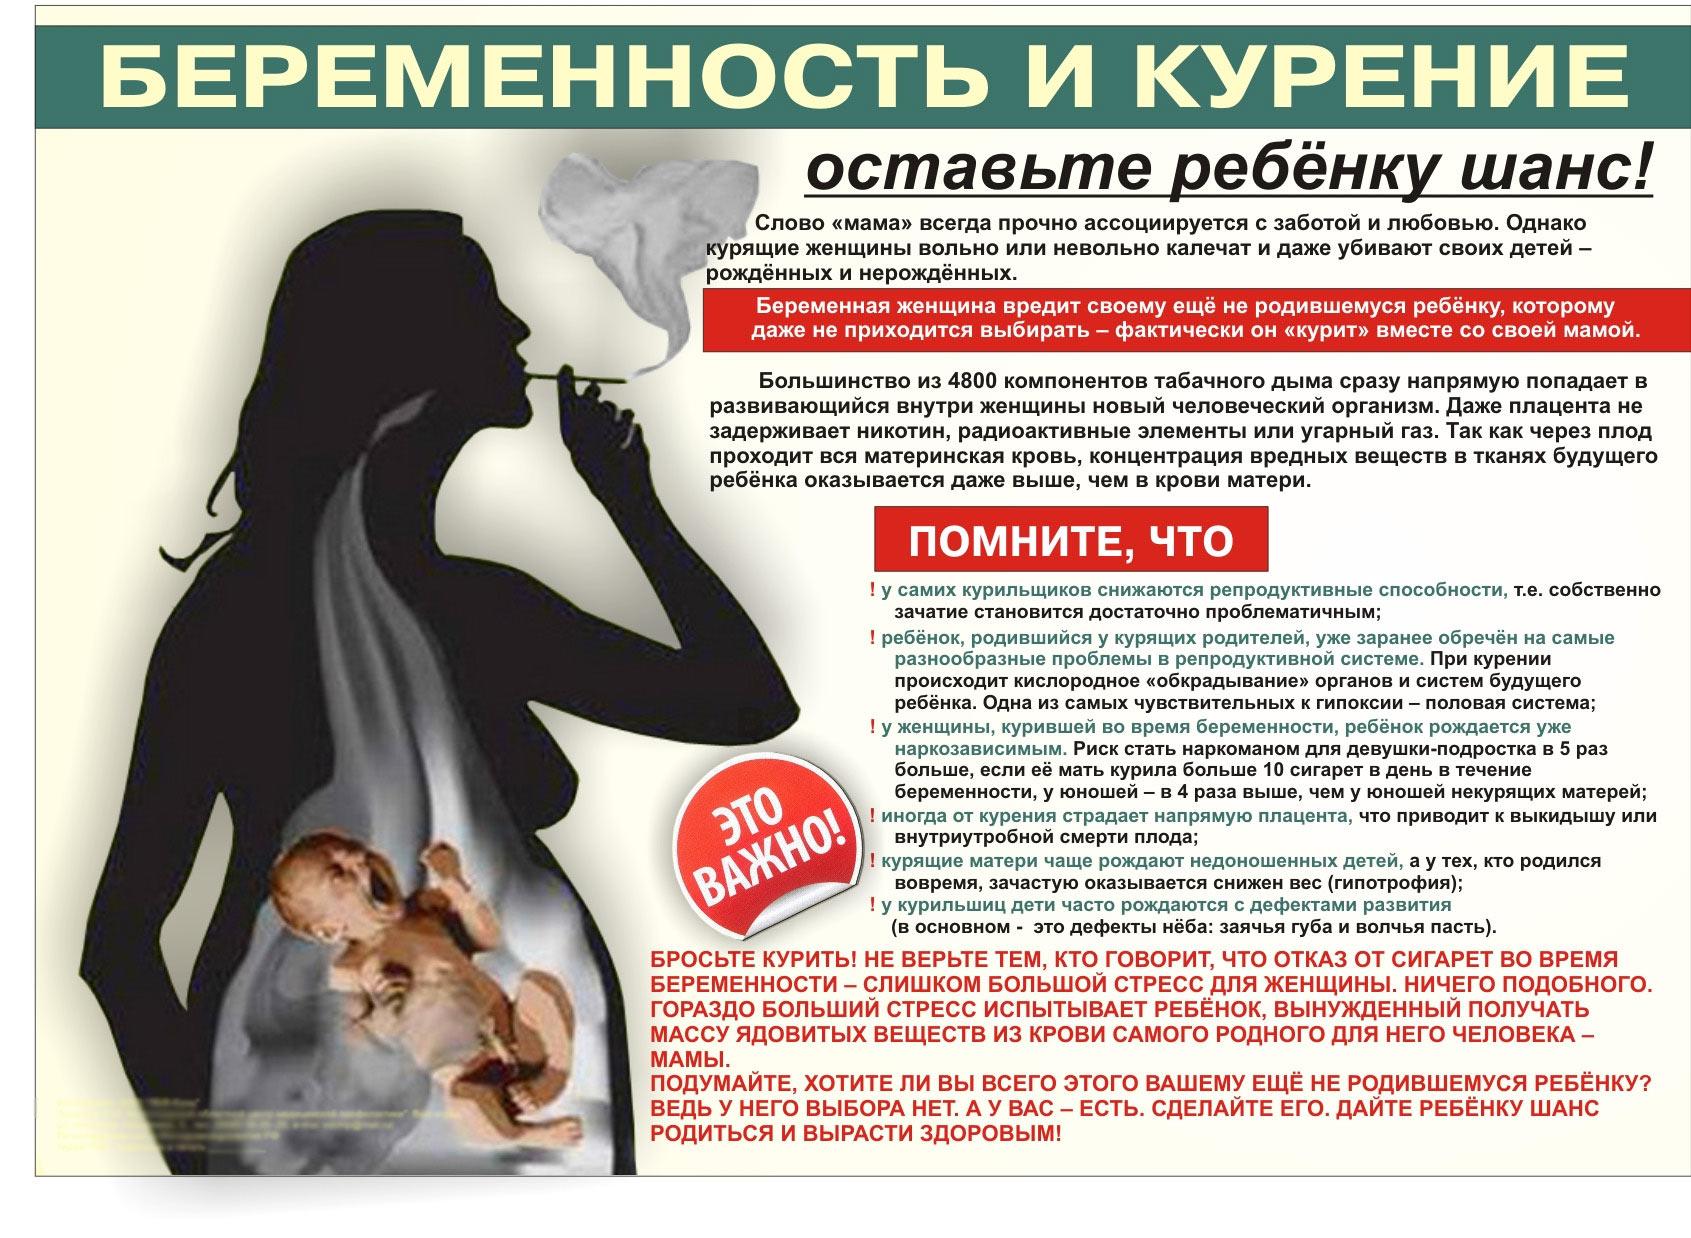 Курение до беременности и здоровье ребенка